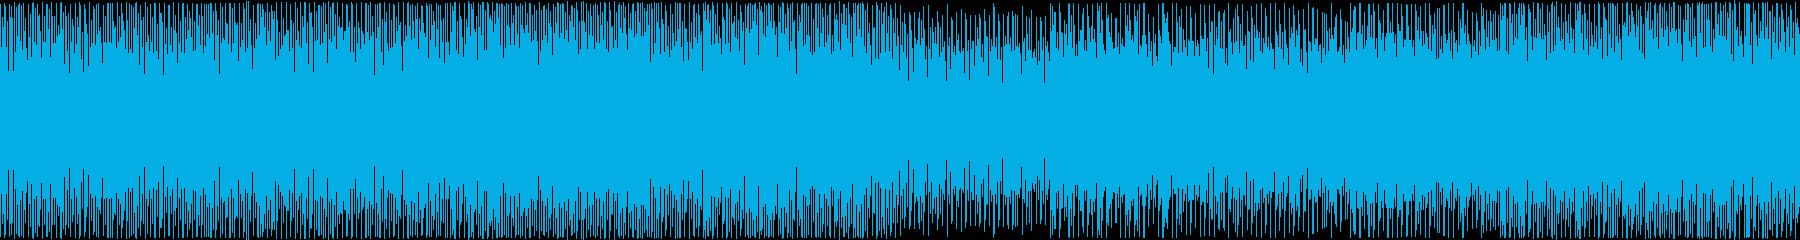 メロディ重視のループできるテクノポップの再生済みの波形